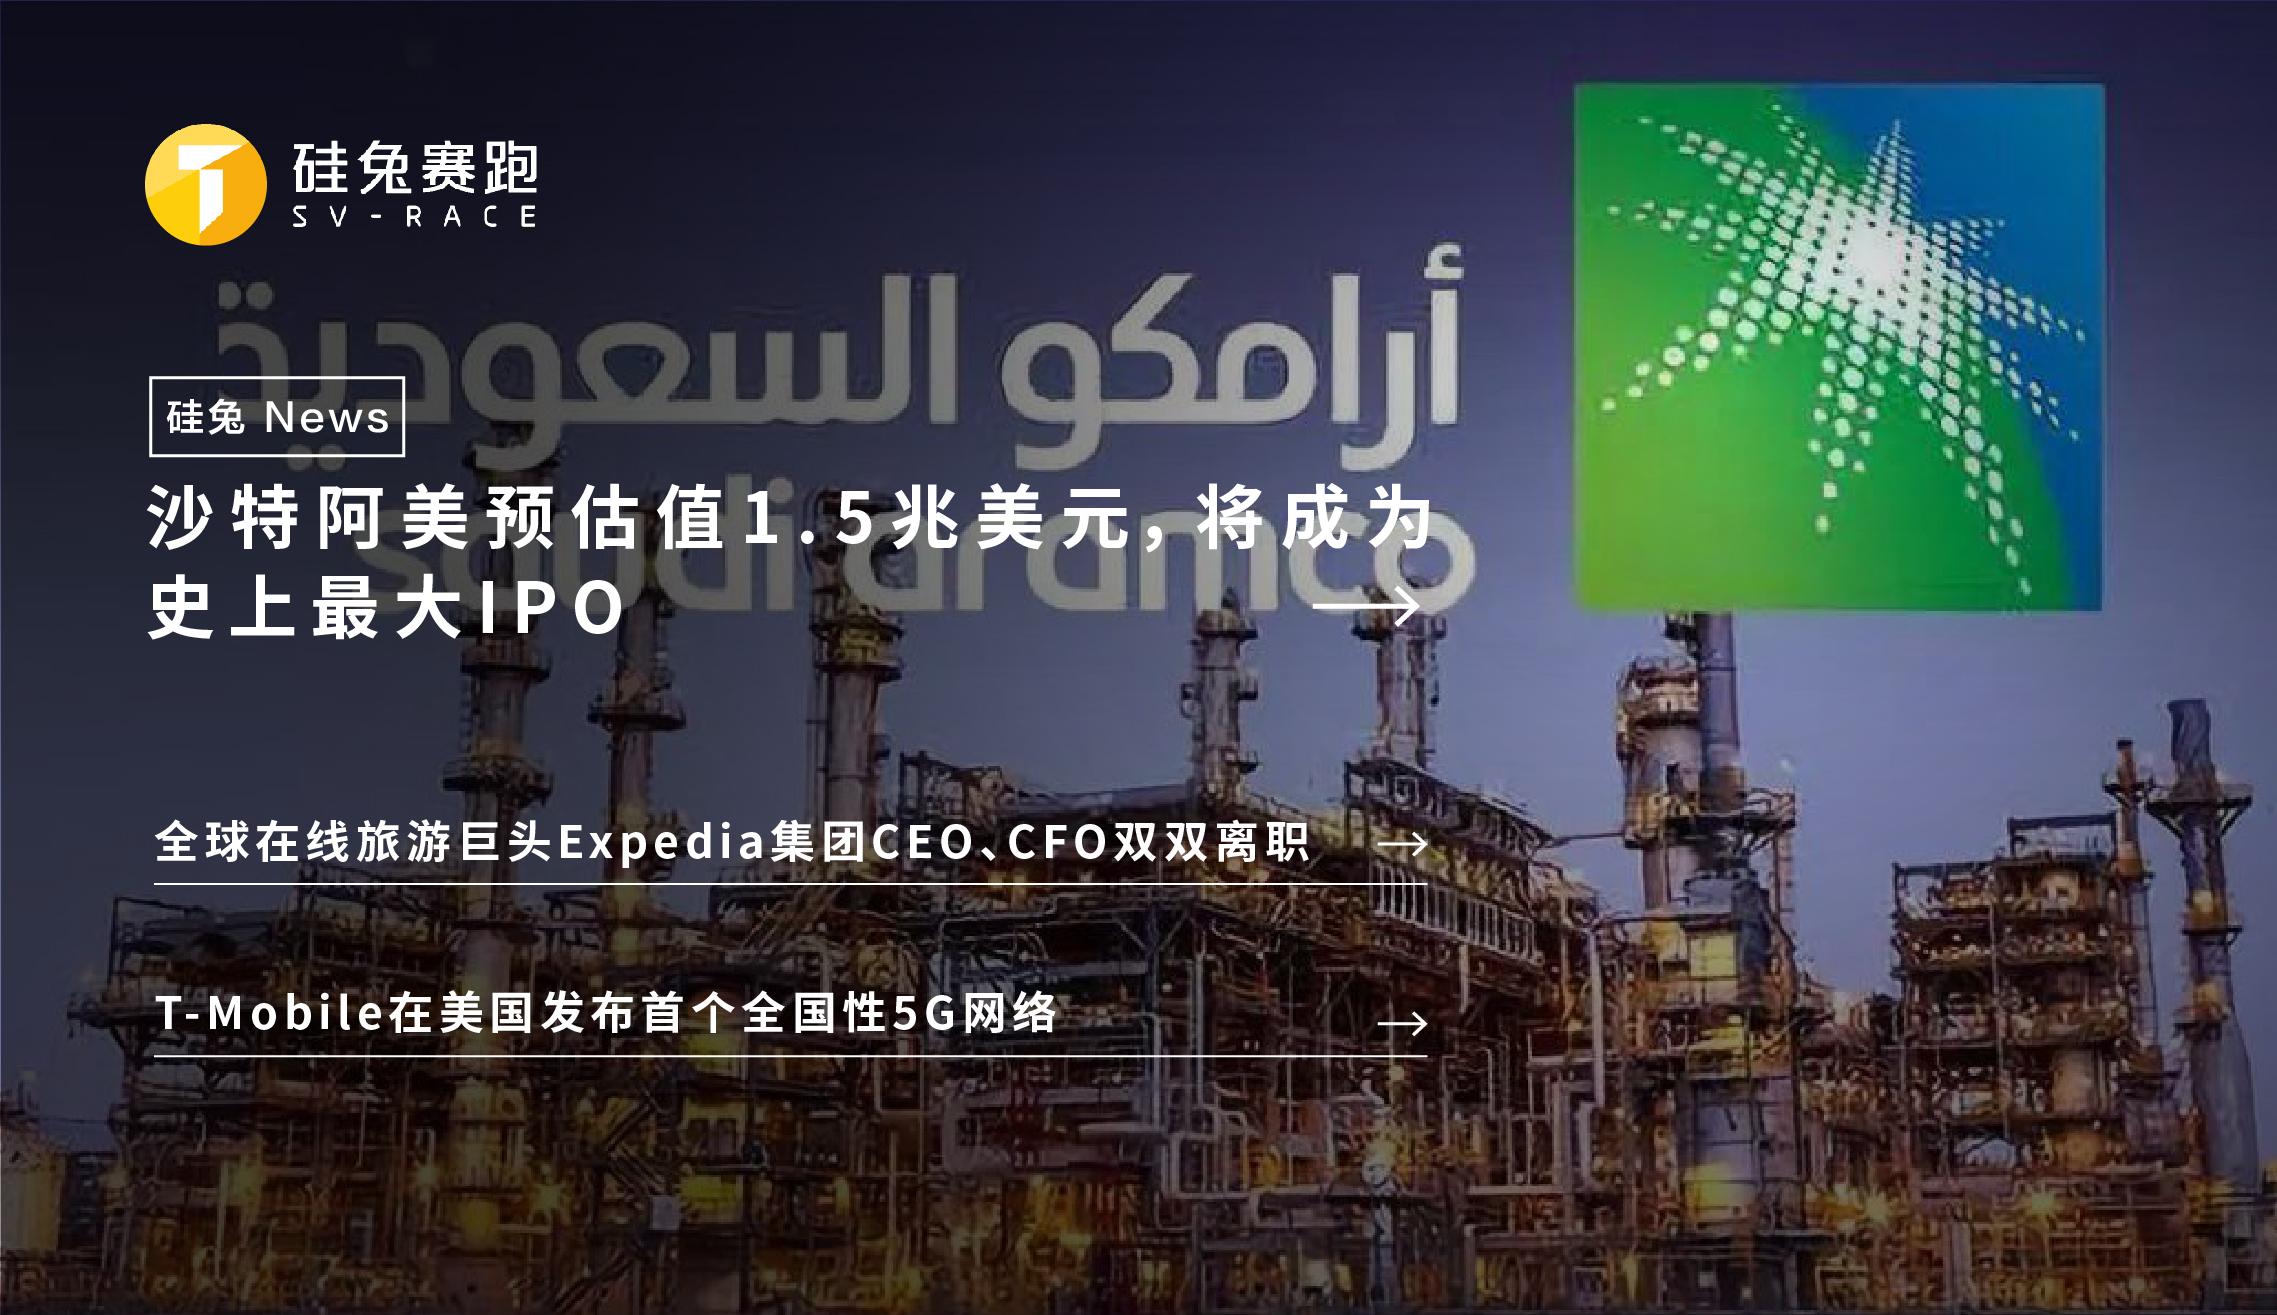 史上最大IPO!沙特阿美預估值1.5兆美元_Grab